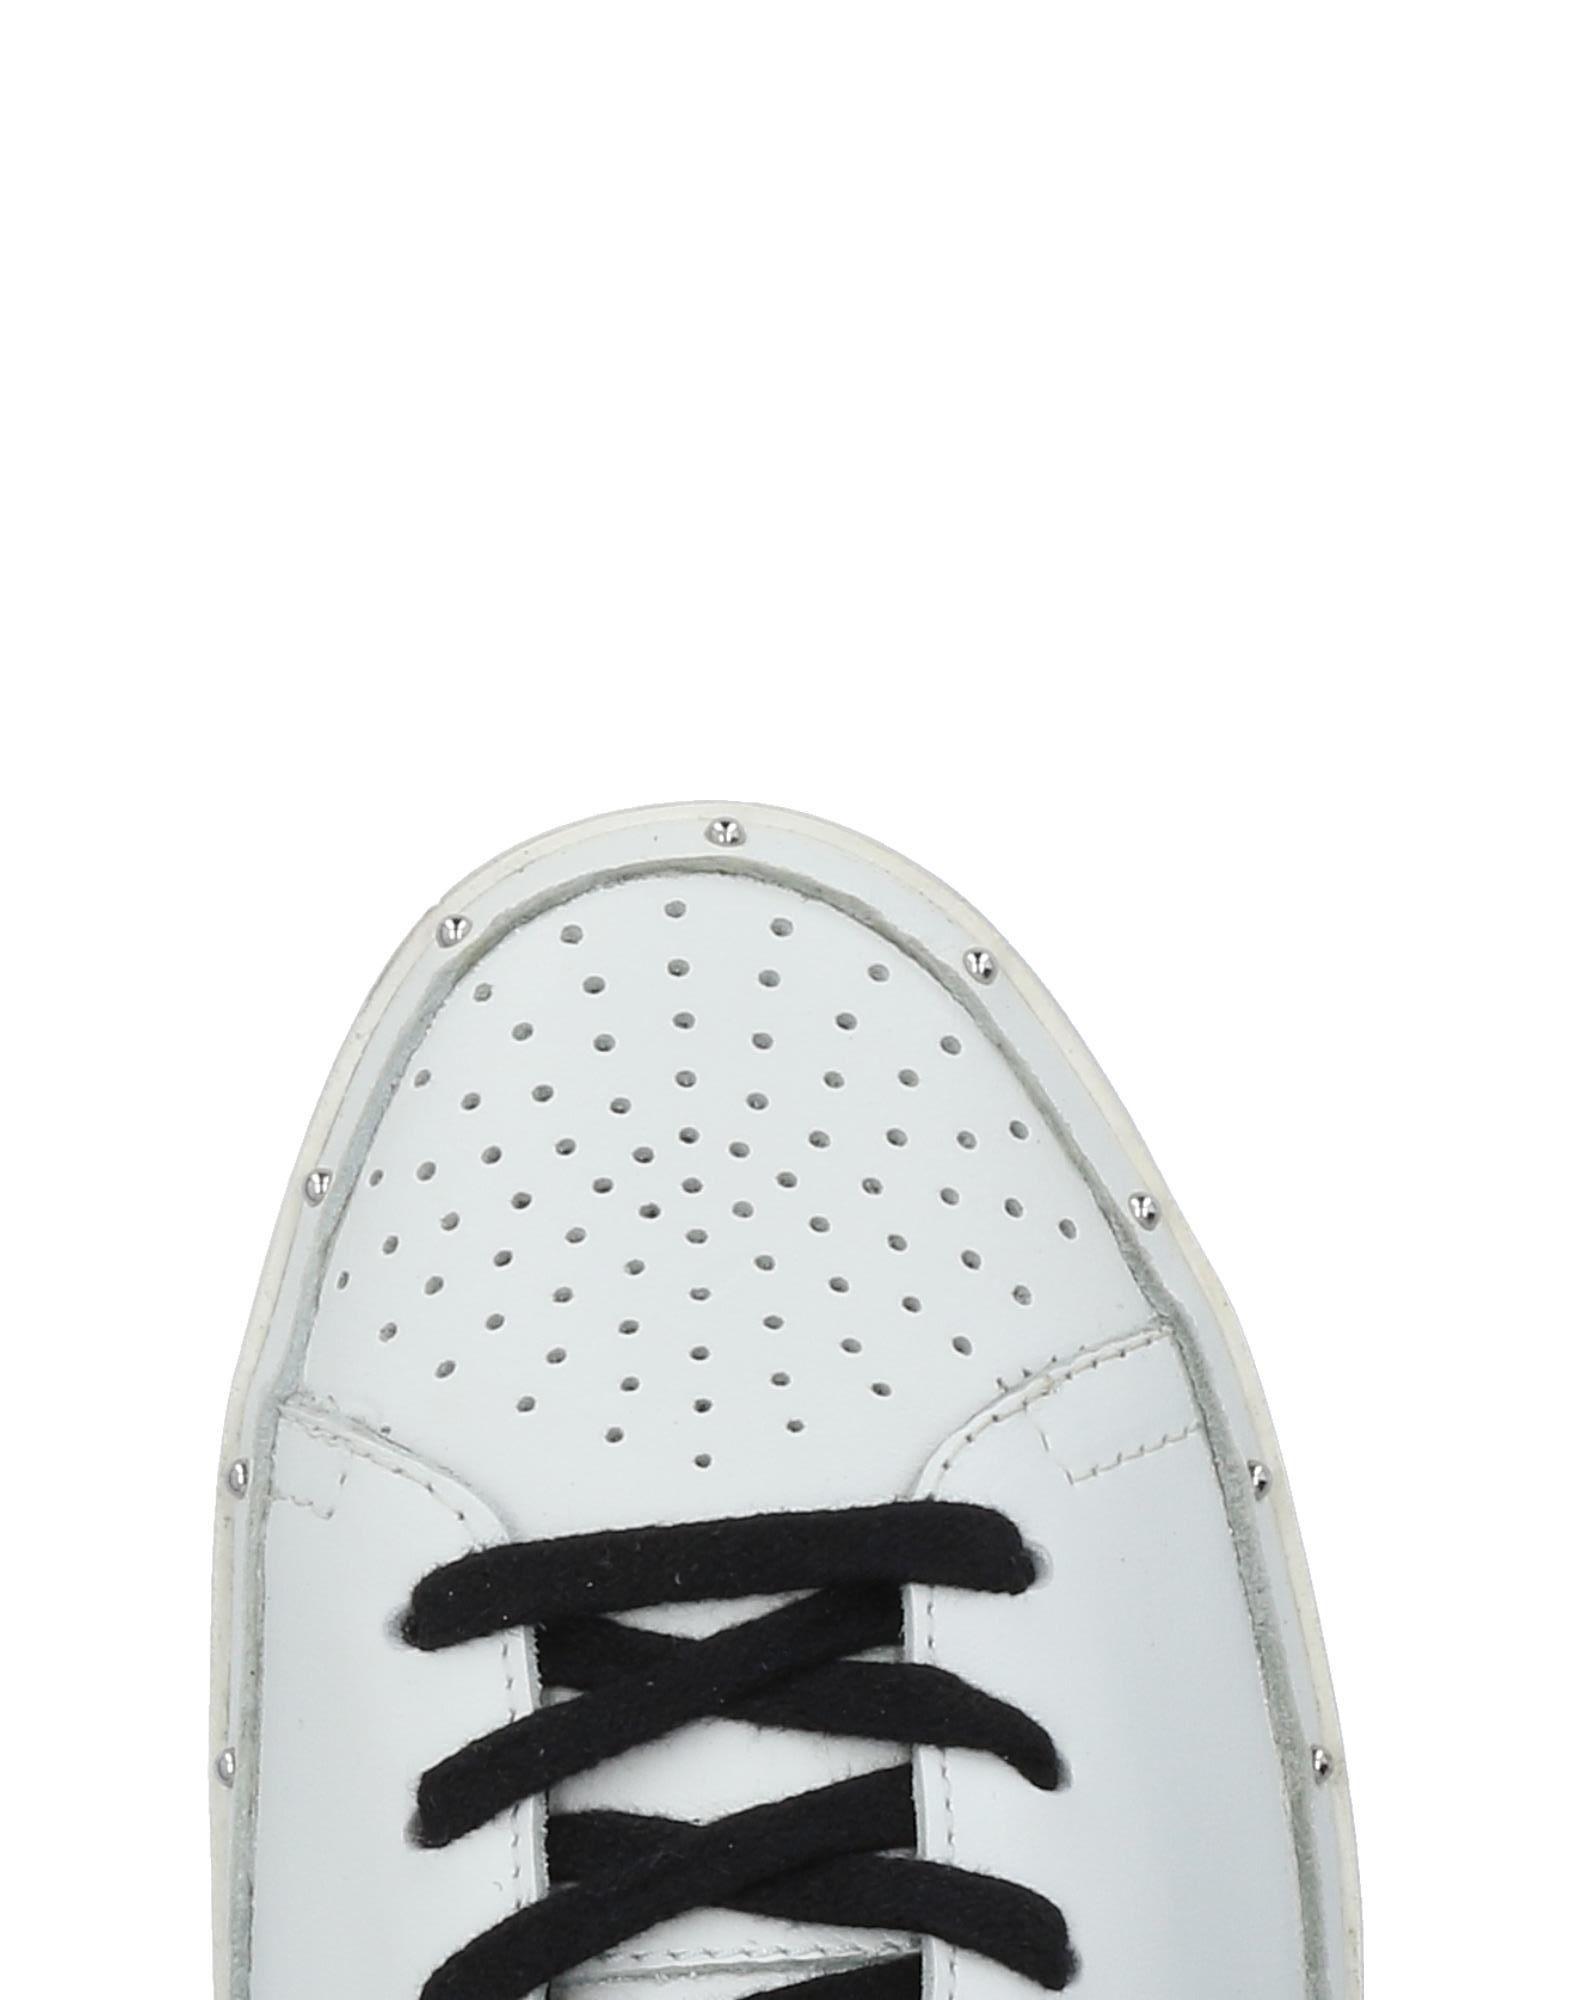 Rebecca Minkoff Gute Sneakers Damen  11478996MS Gute Minkoff Qualität beliebte Schuhe efe1d1